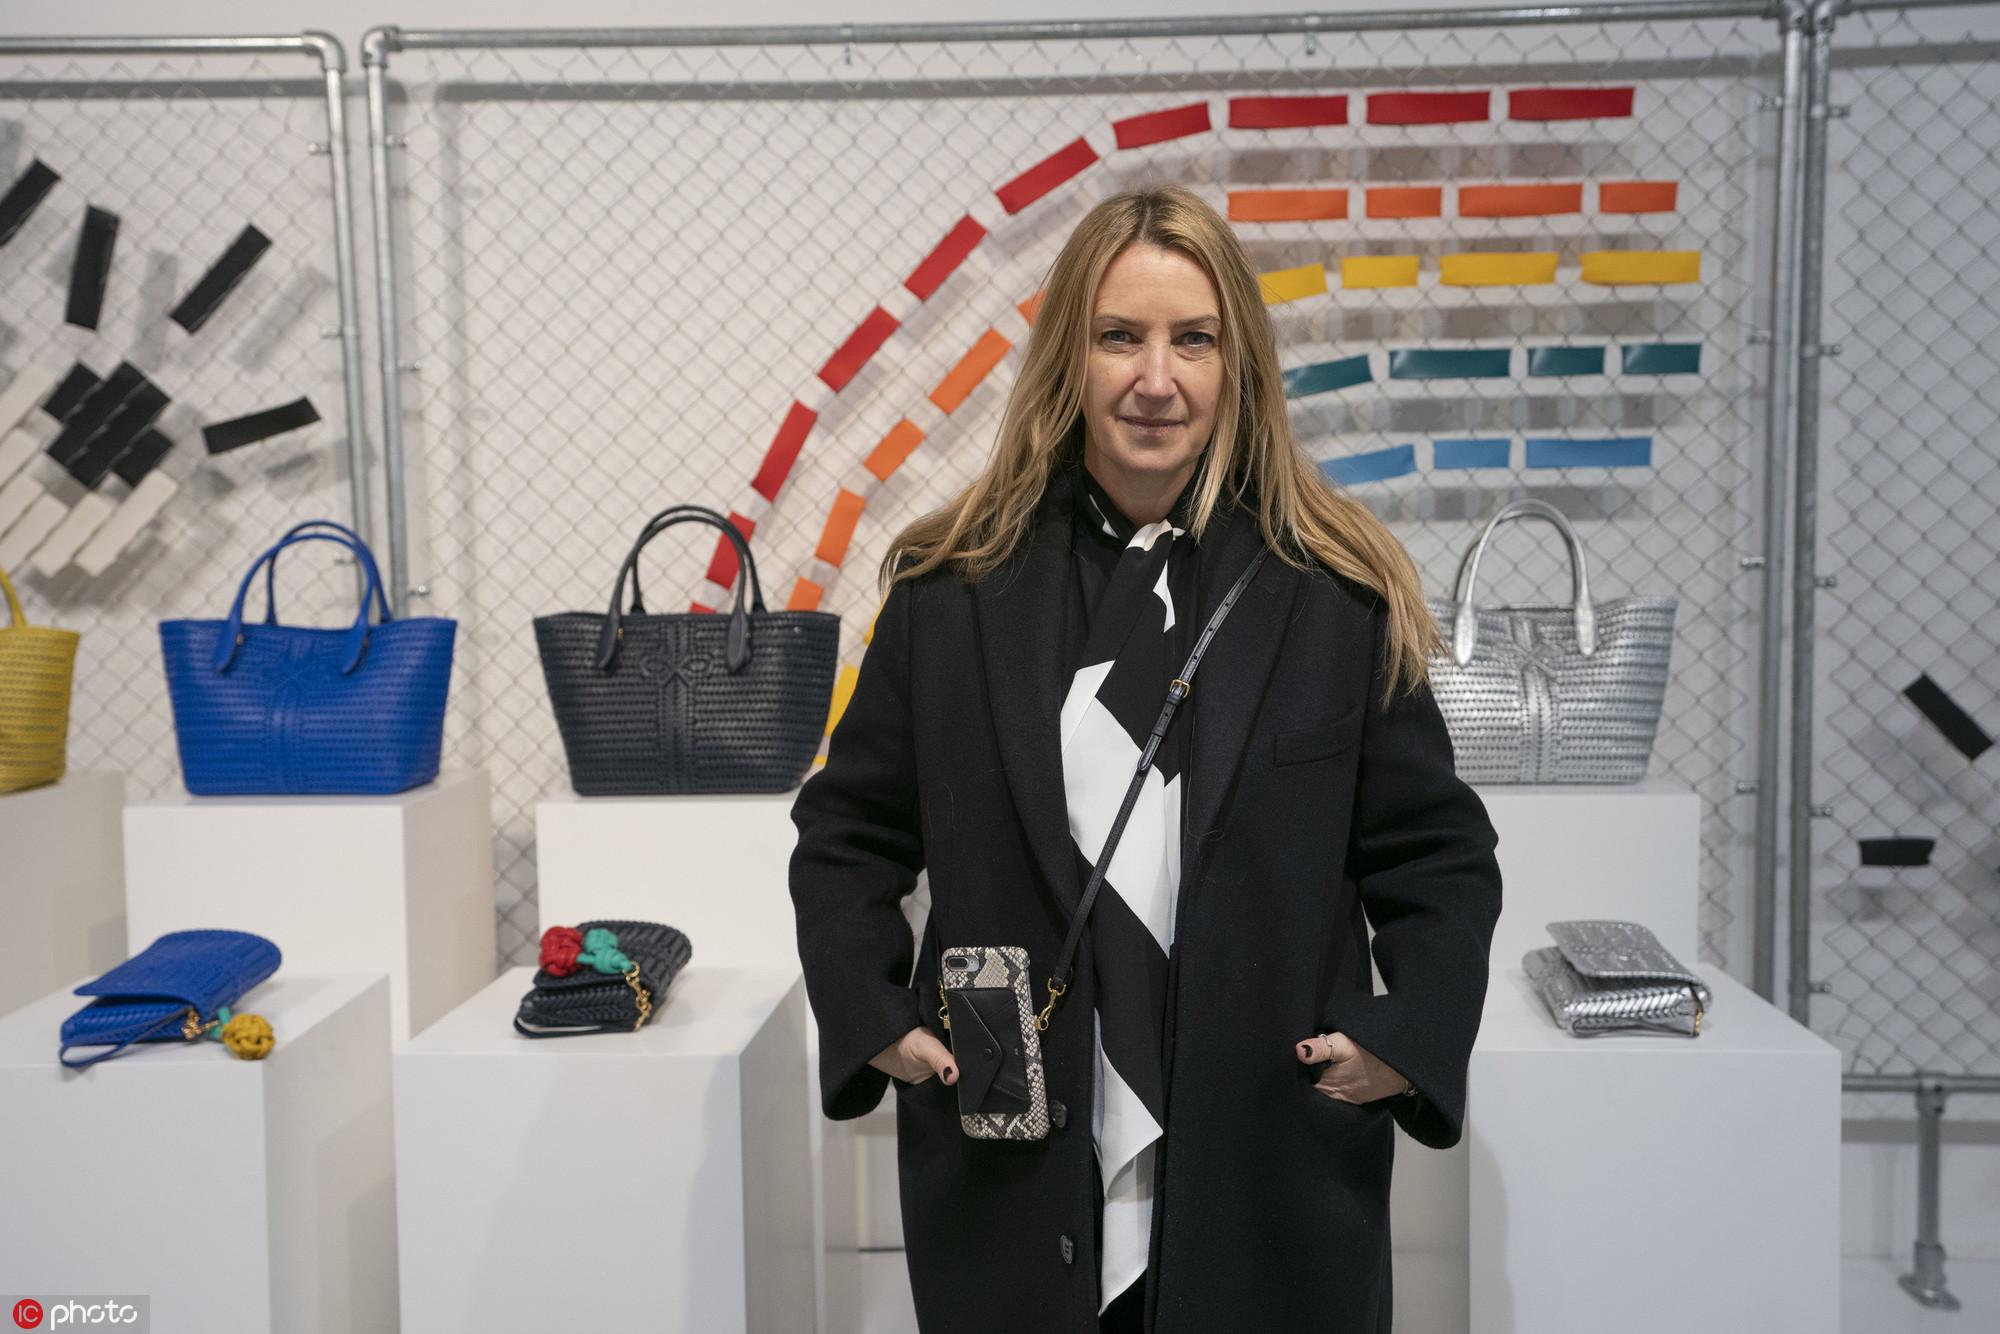 八年换了四任CEO,有了新东家的 Anya Hindmarch 品牌再度请出创始人掌舵